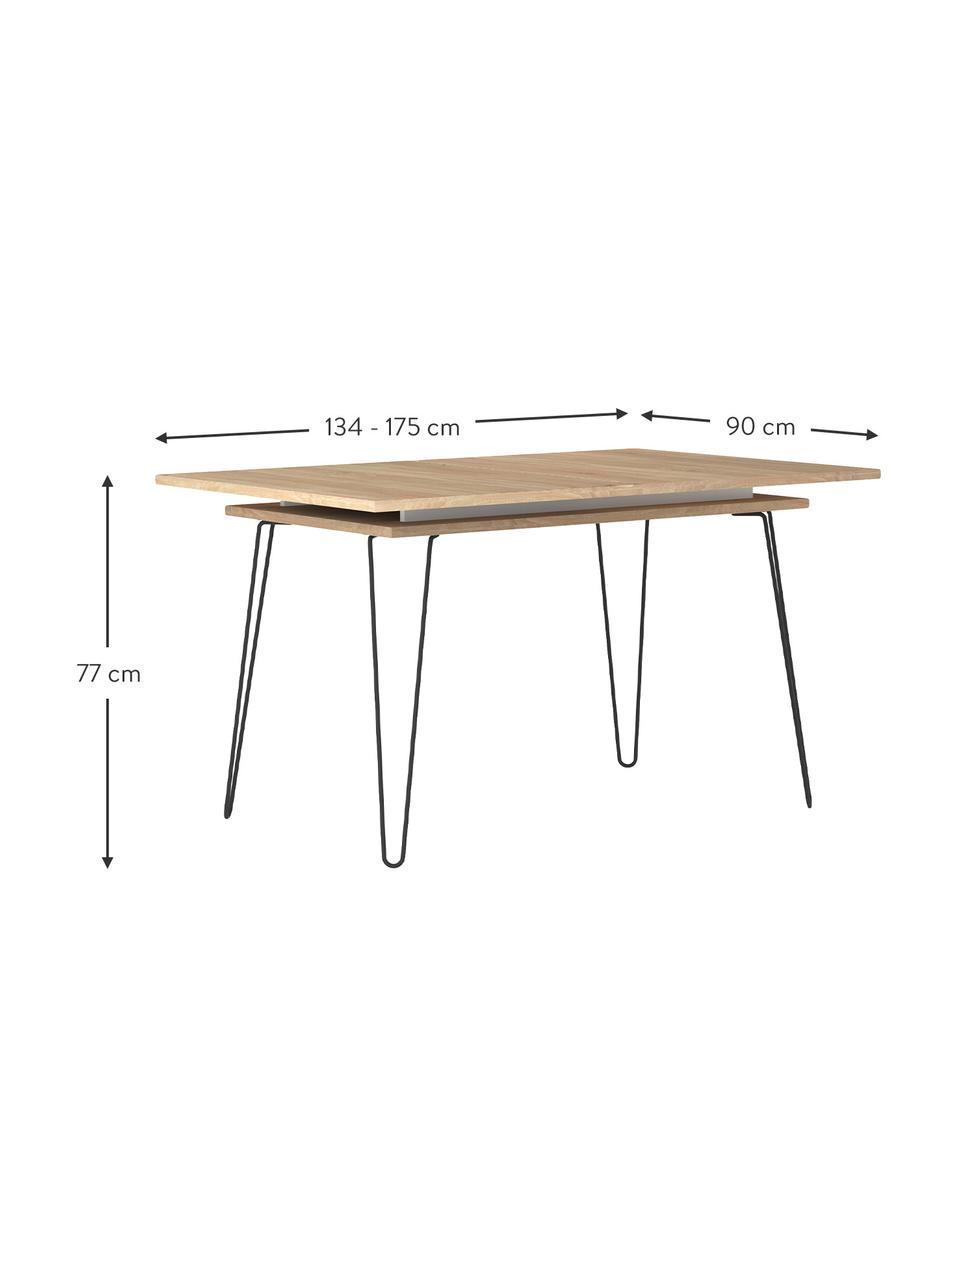 Ausziehbarer Esstisch Aero mit Eichenholzfurnier, Beine: Metall, lackiert, Eichenholz, B 134 bis 175 x T 90 cm